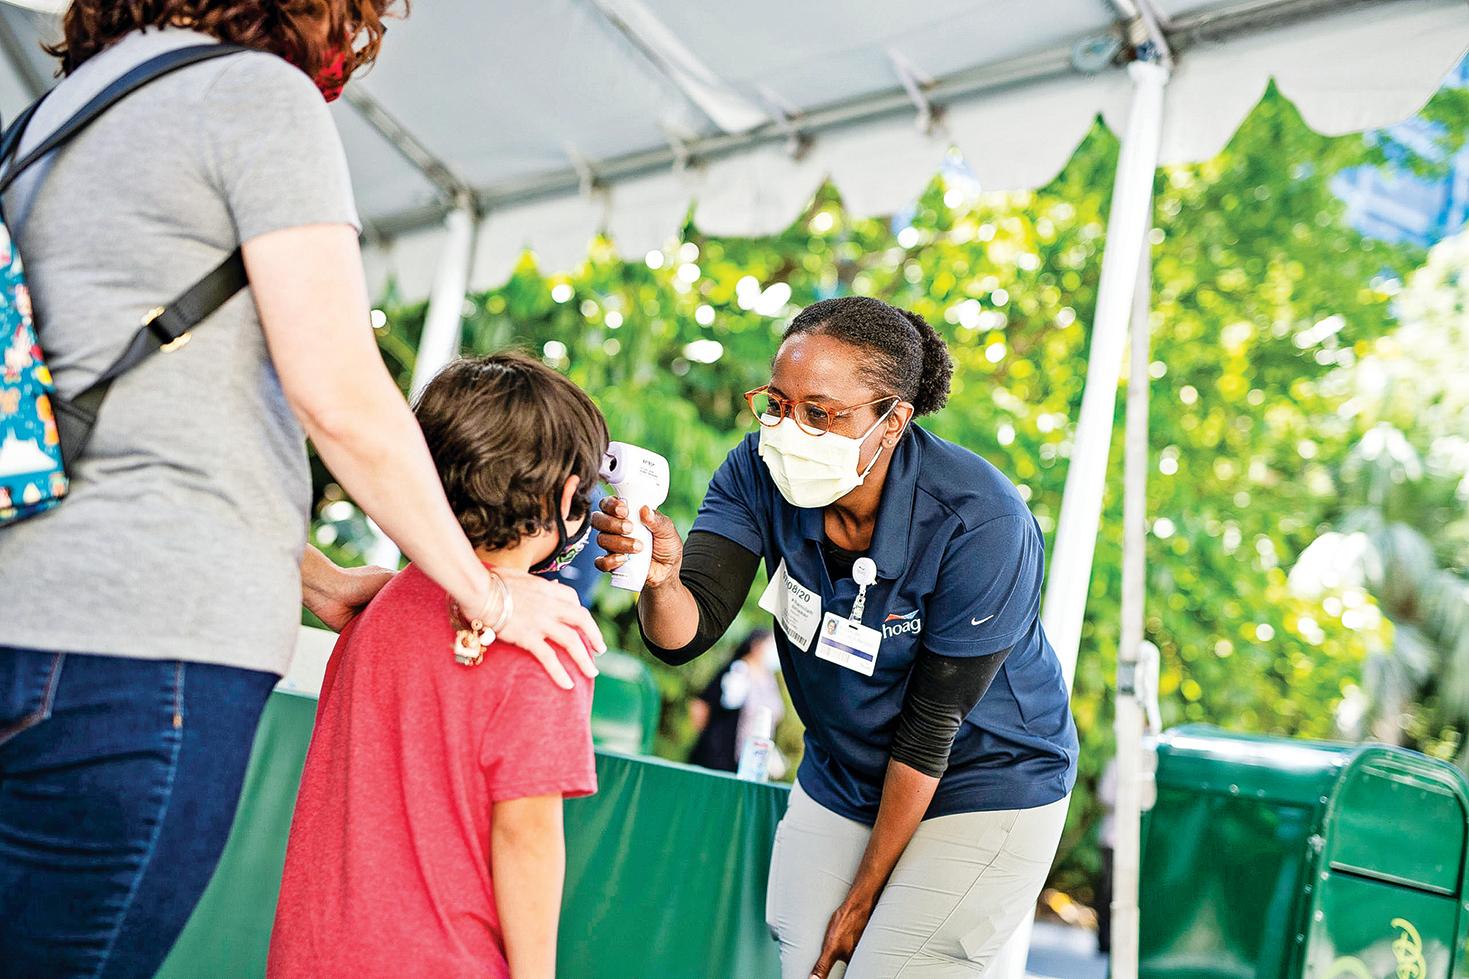 無症狀感染者意味著佩戴口罩將是未來很長一段時間社會的常態。佩戴口罩的主要目的是防止自己感染他人。(Getty Images)